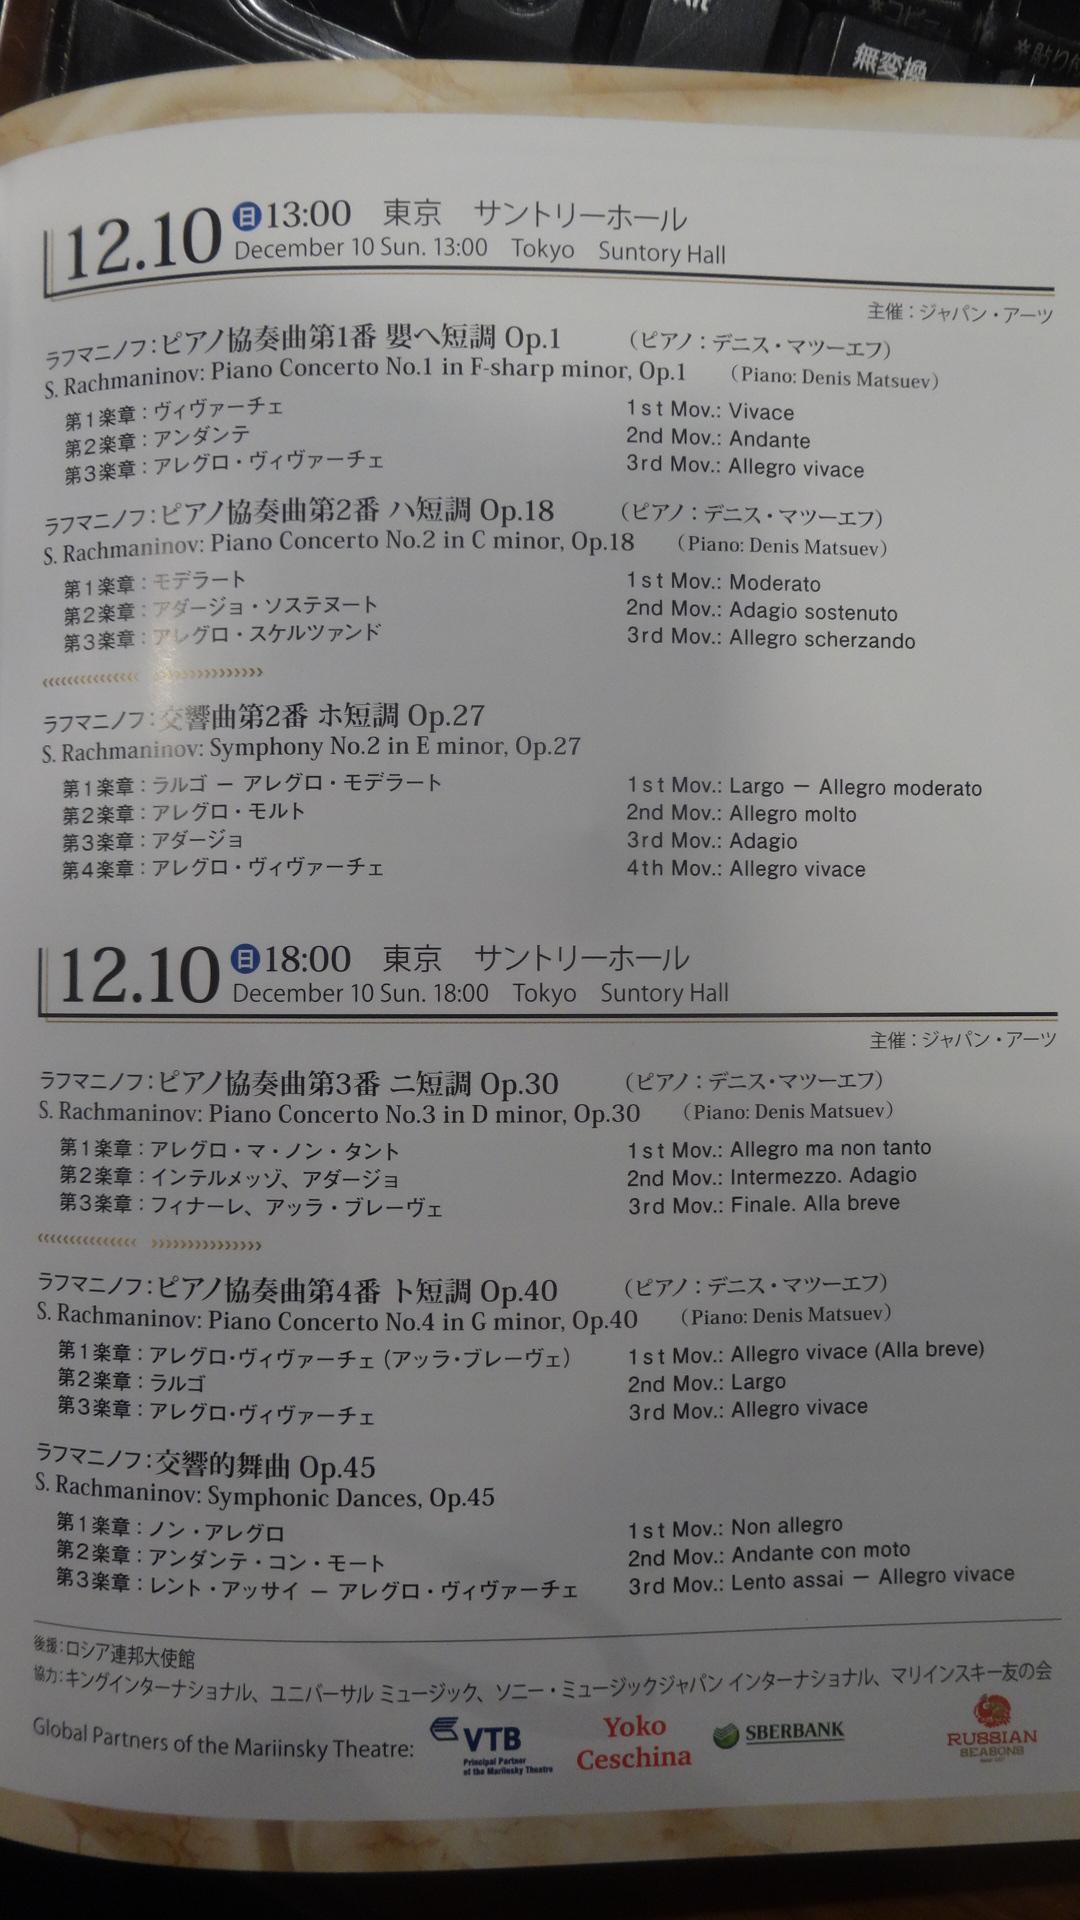 ラフマニノフの祭典2017のプログラム